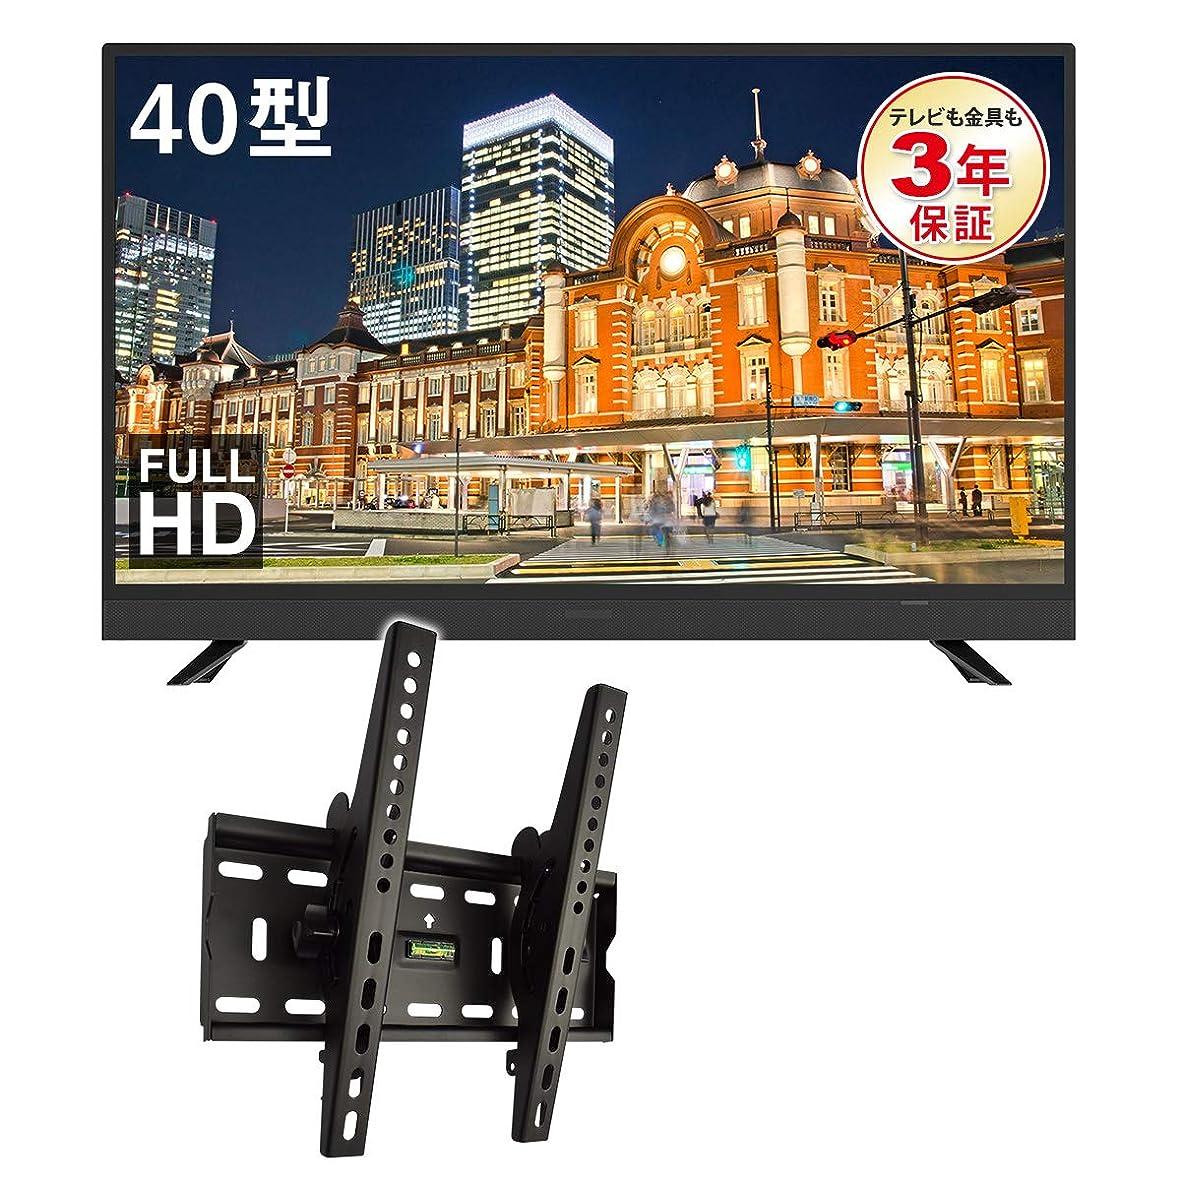 ドアミラー気候の山頑丈maxzen 40V型 フルハイビジョン液晶テレビ+壁掛け金具セット 上下角度調節可能 耐荷重75kg 絶対的強度 [maxzen J40SK03+STARPLATINUM TVセッターチルトFT100 Sサイズ ブラック]